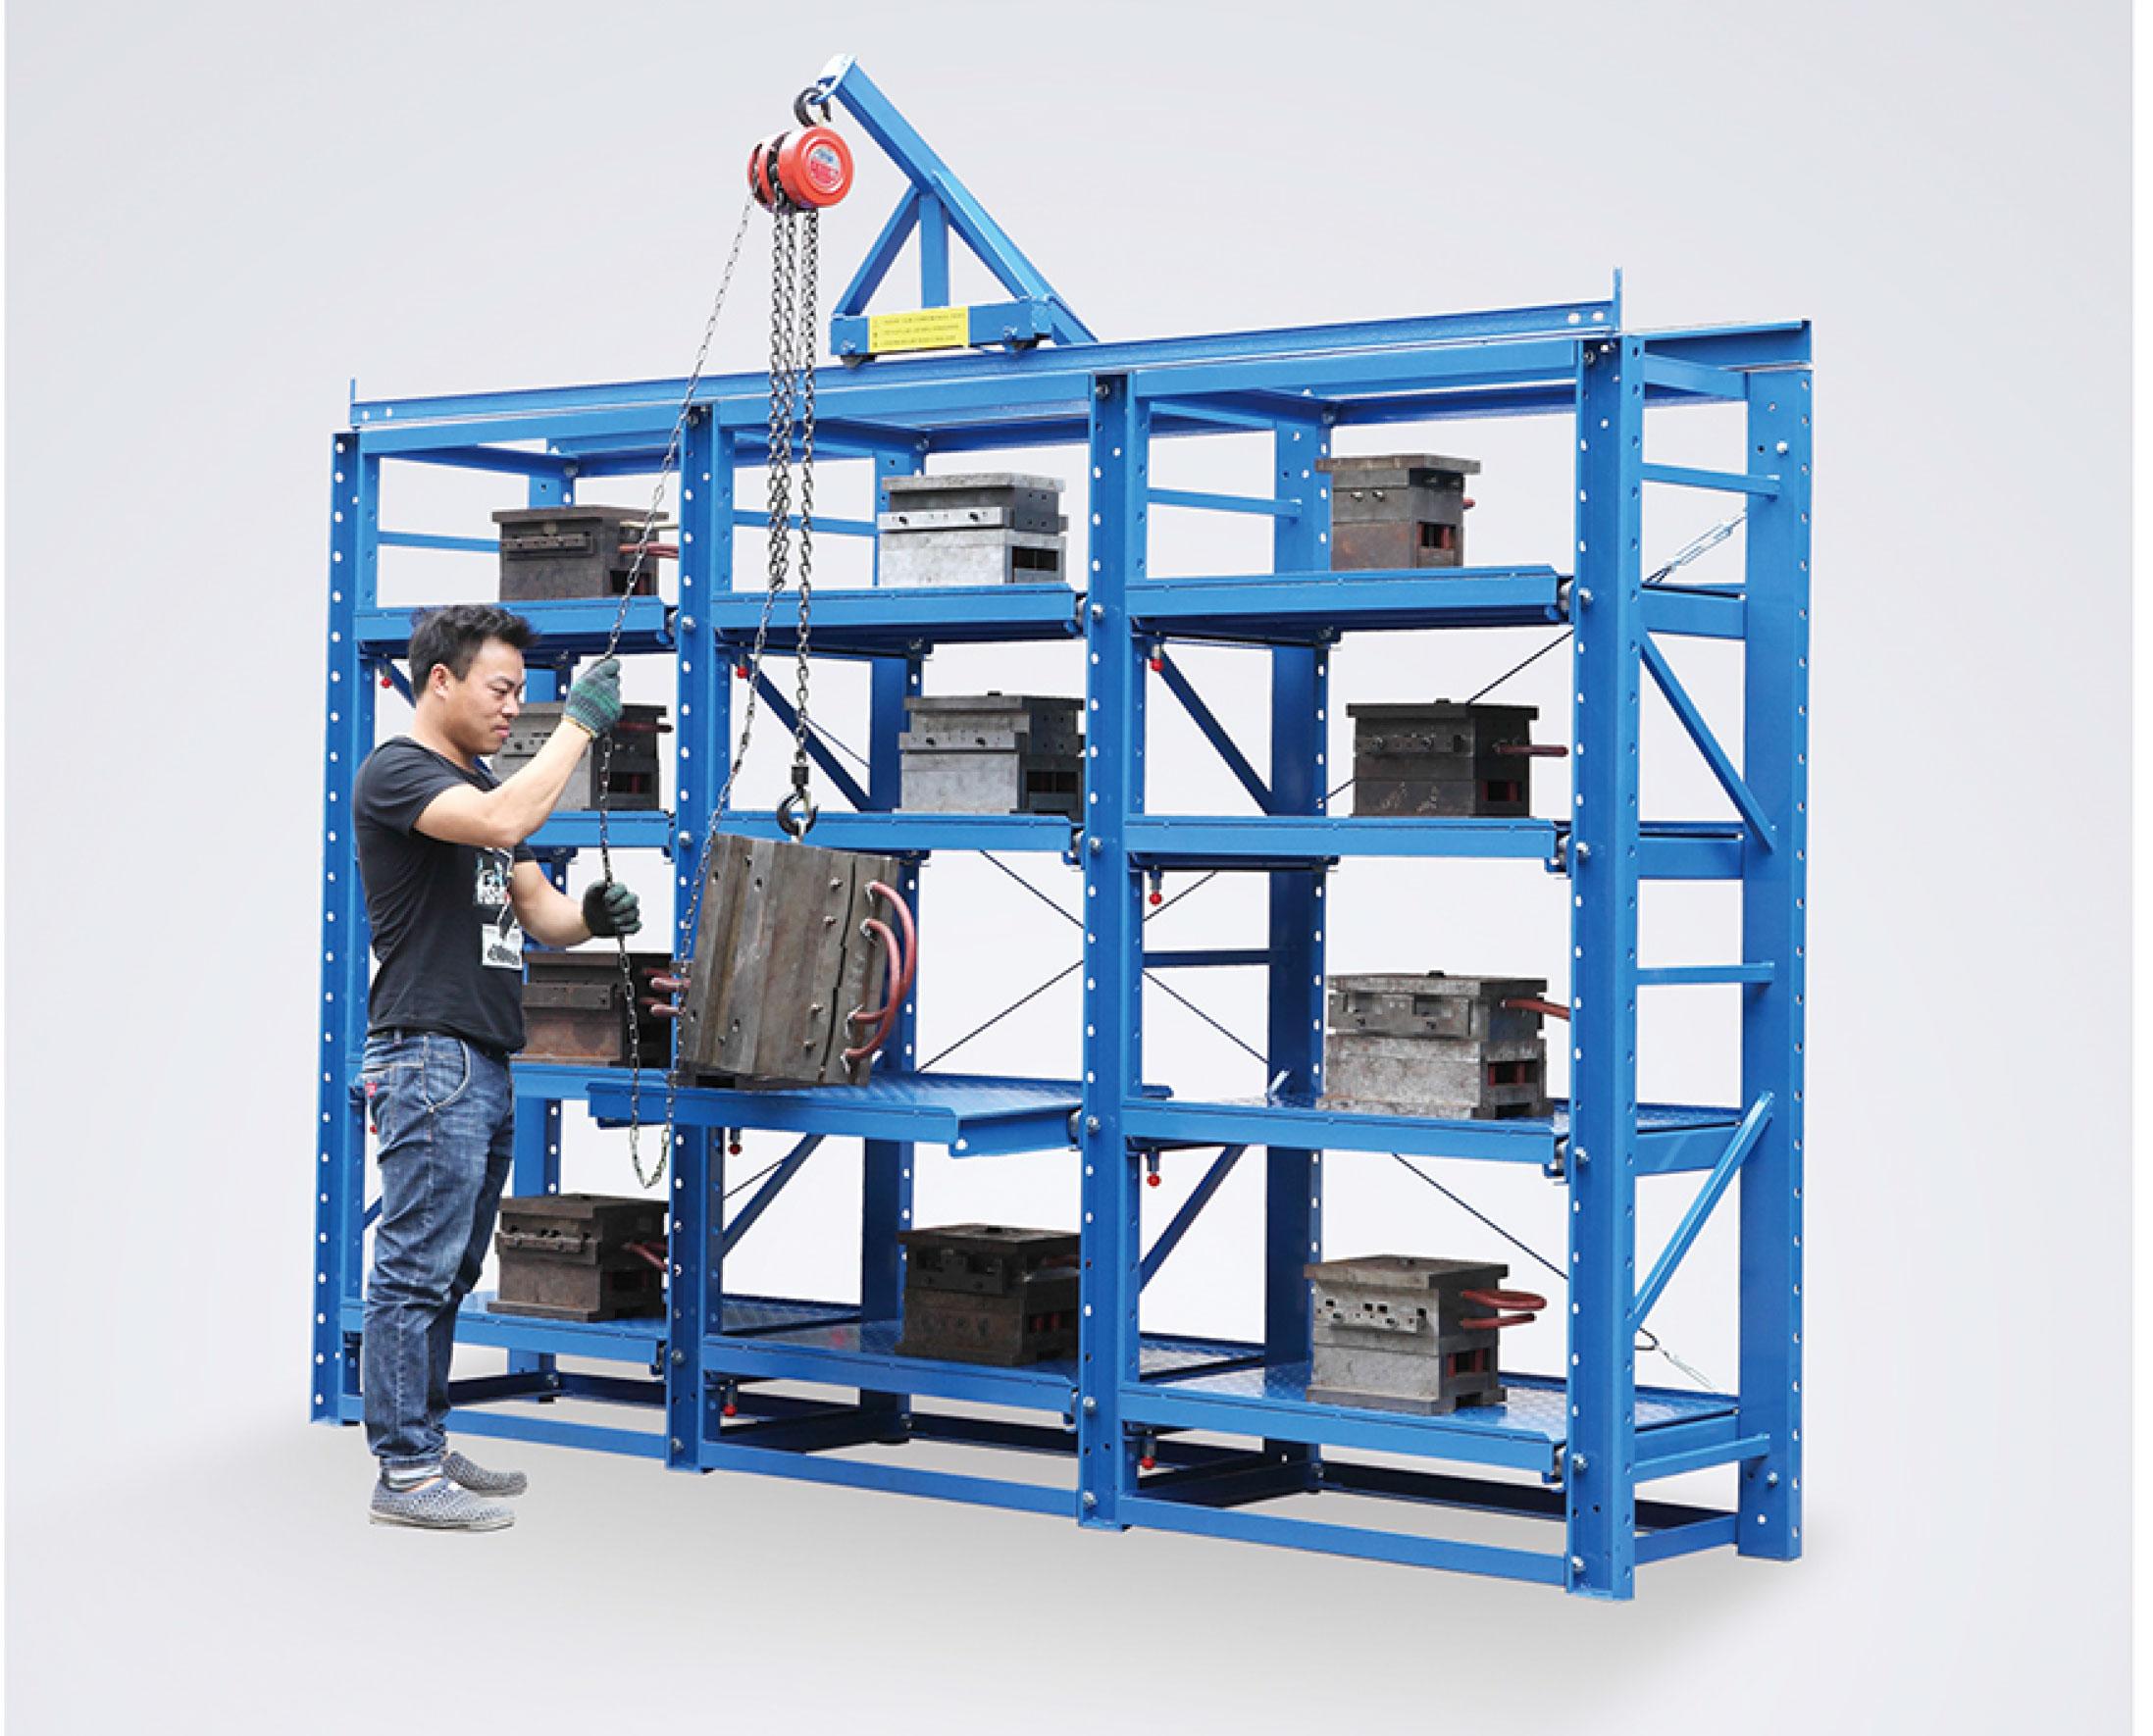 模具货架|模具架|抽屉式模具架|模具架厂家|二立柱+天车-乐存货架